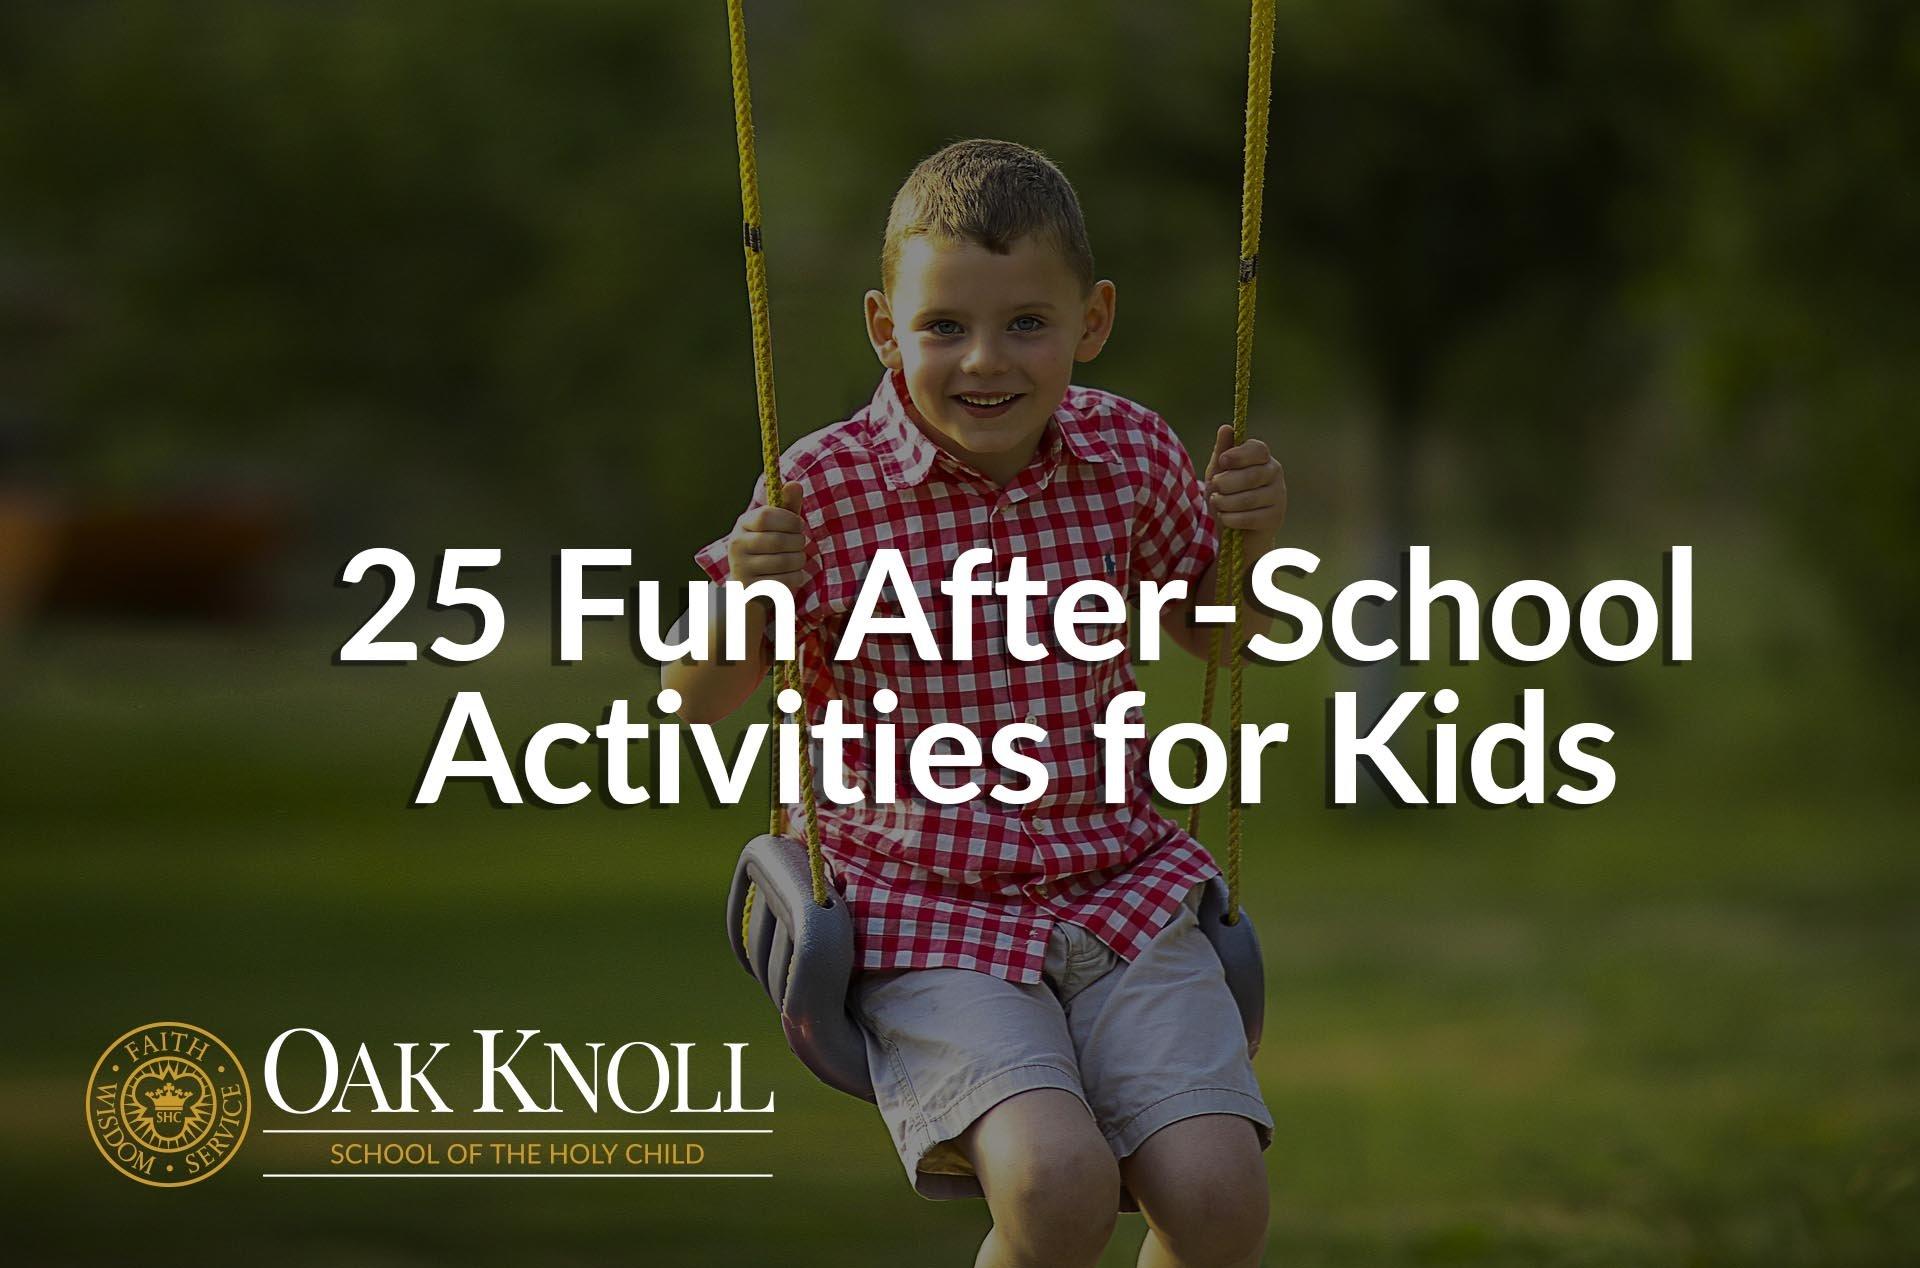 25 Fun After-School Activities for Kids